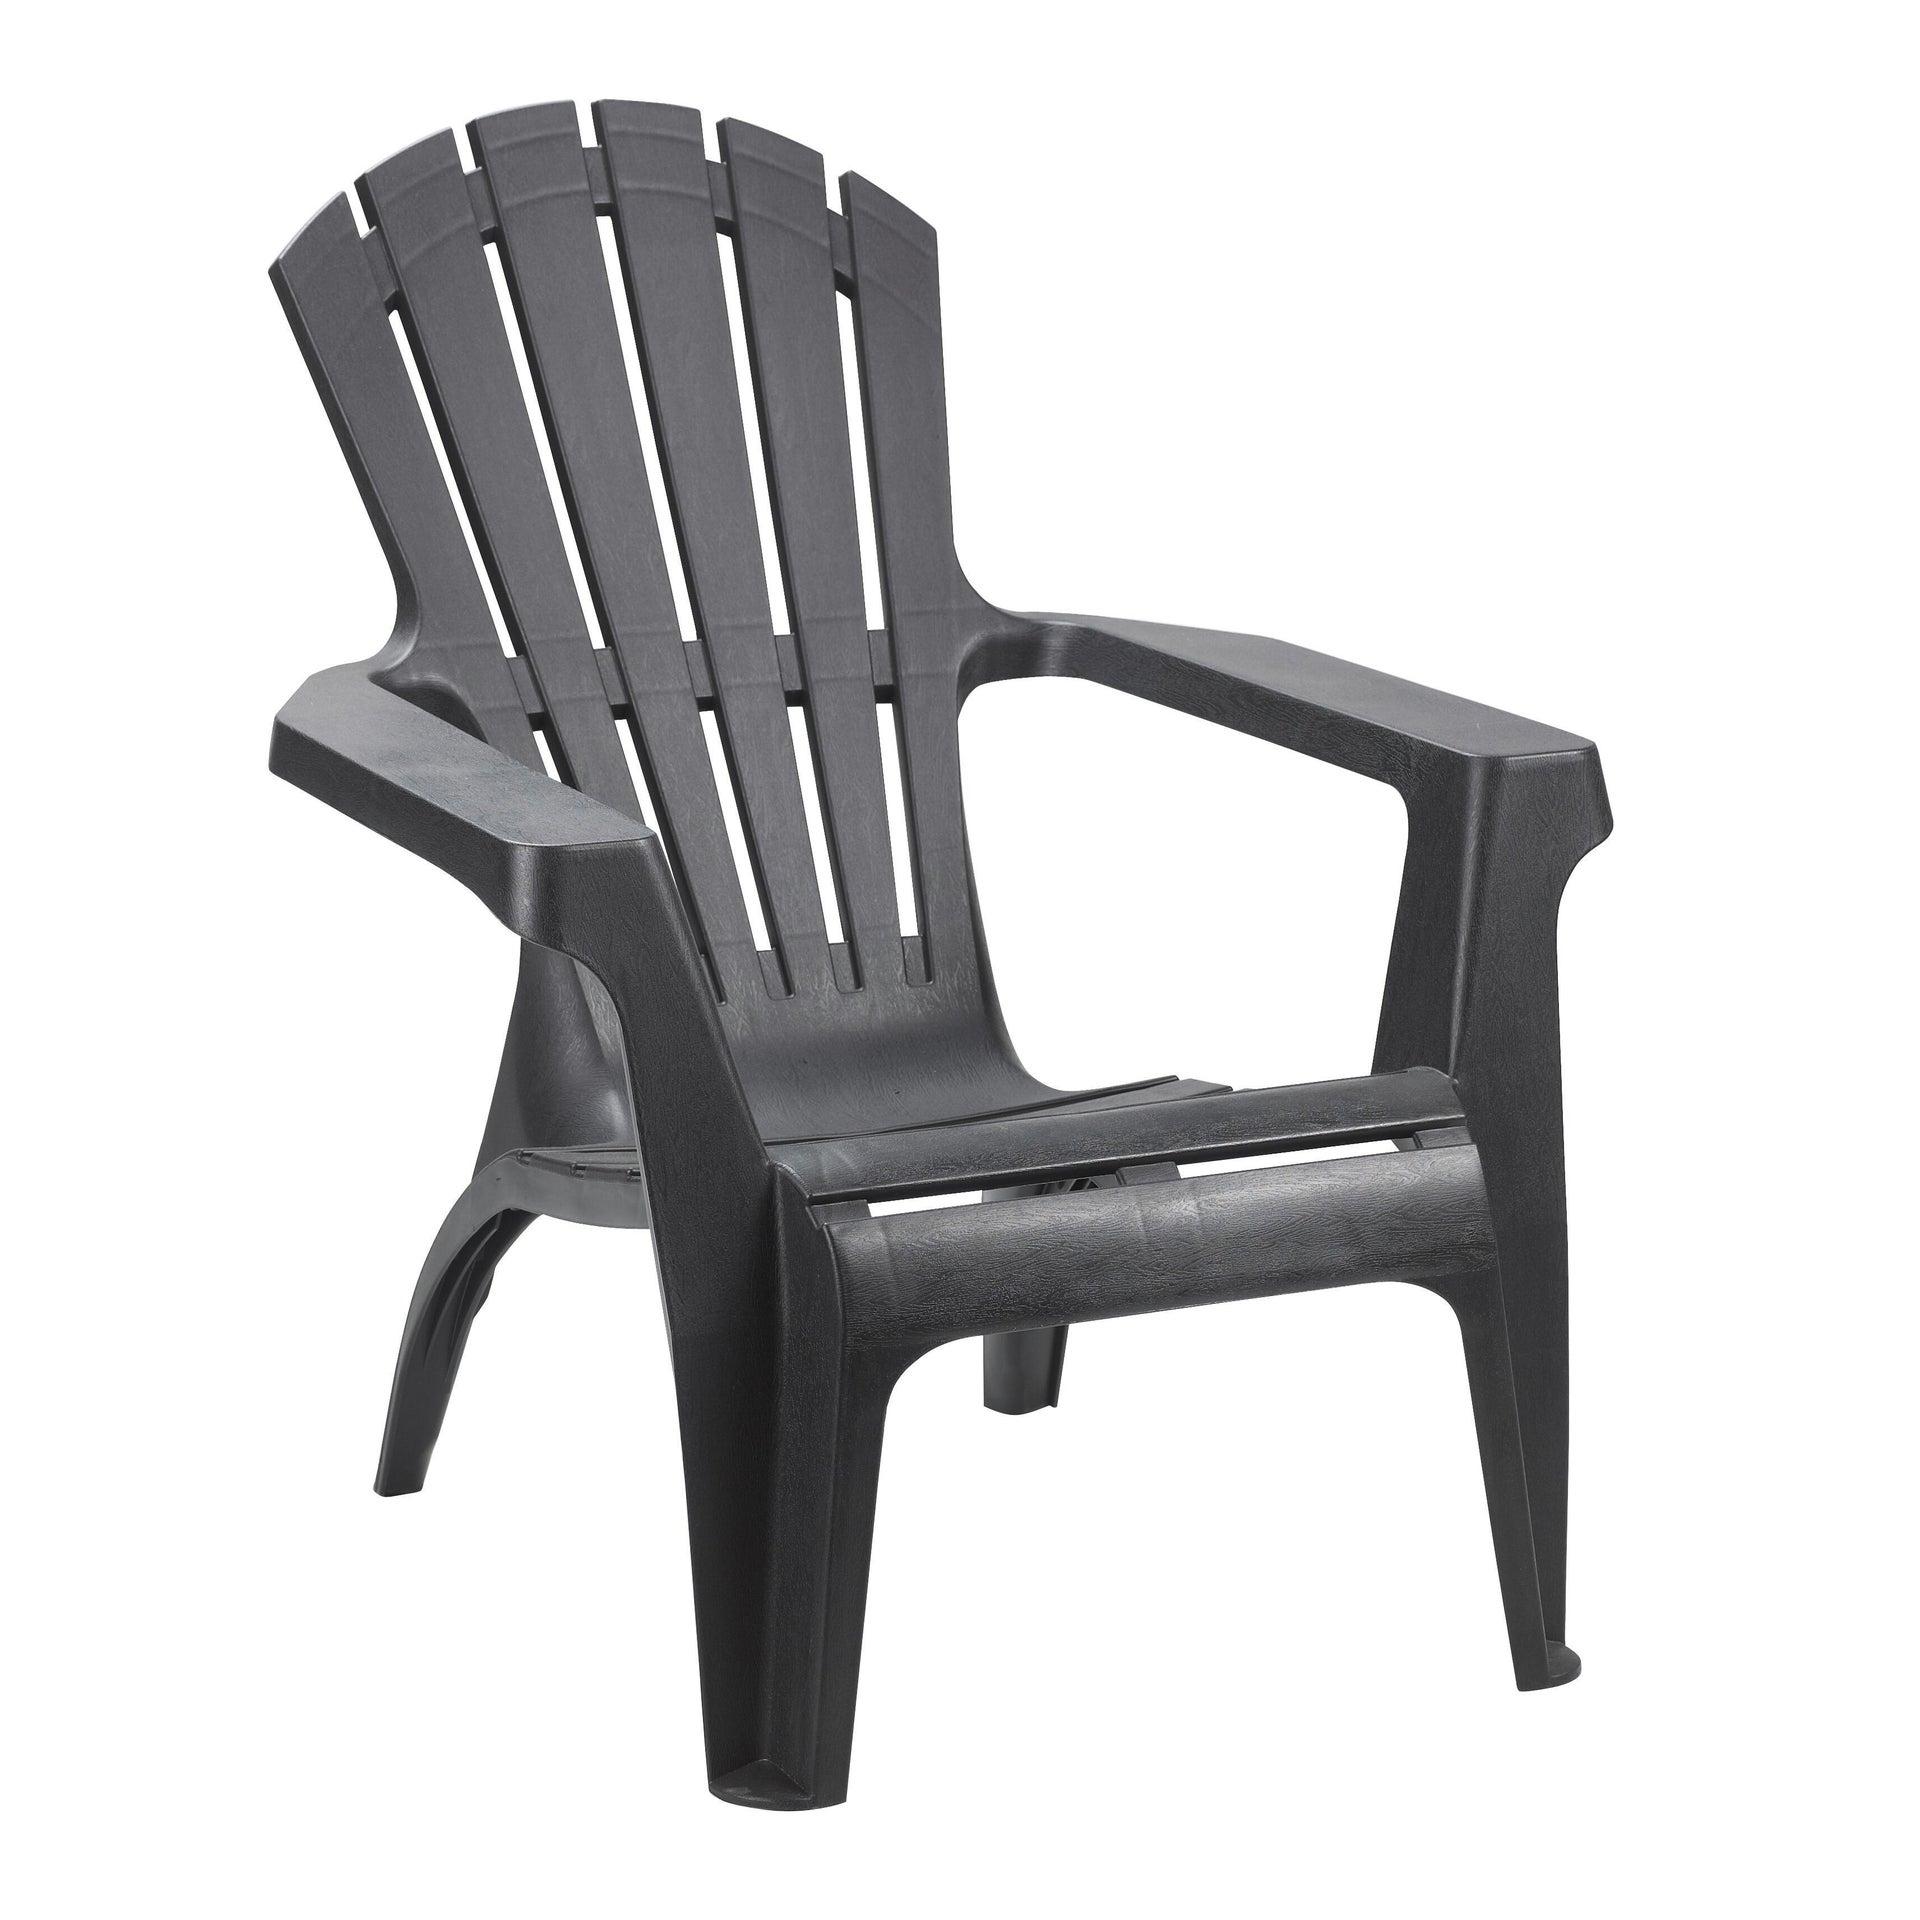 Sedia con braccioli senza cuscino in resina iniettata Dolomiti TELEHIT GARDEN colore antracite - 1